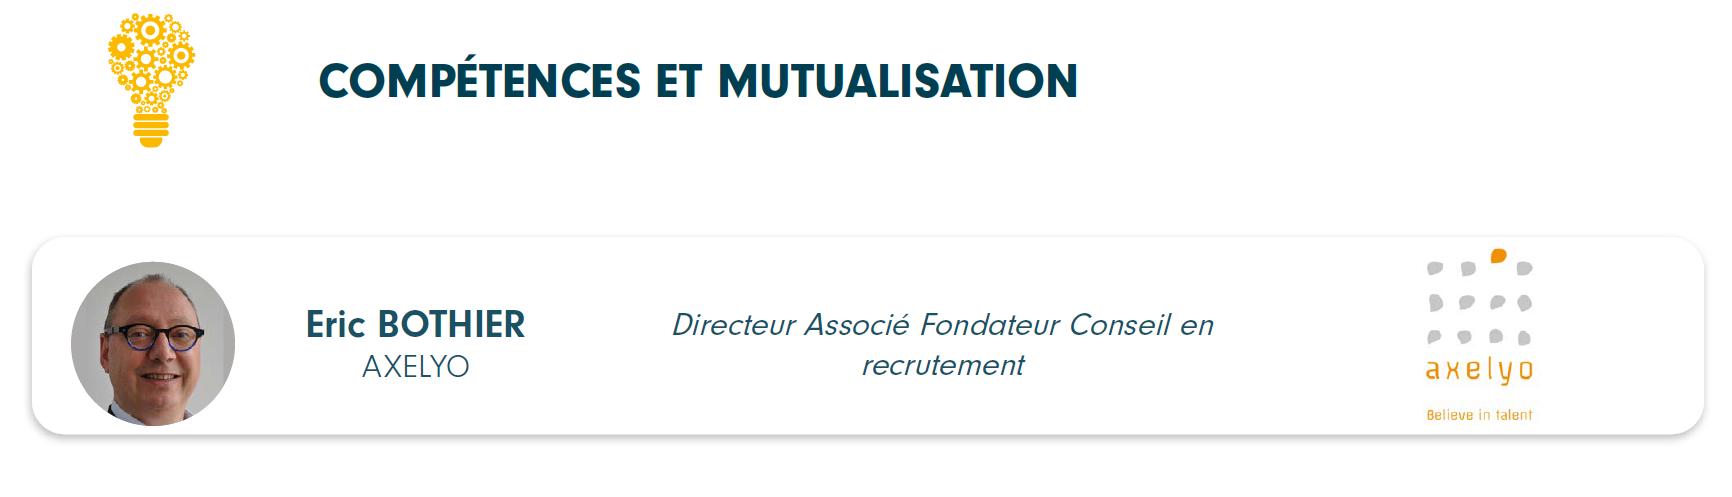 Directeur du programme compétence et mutualisation